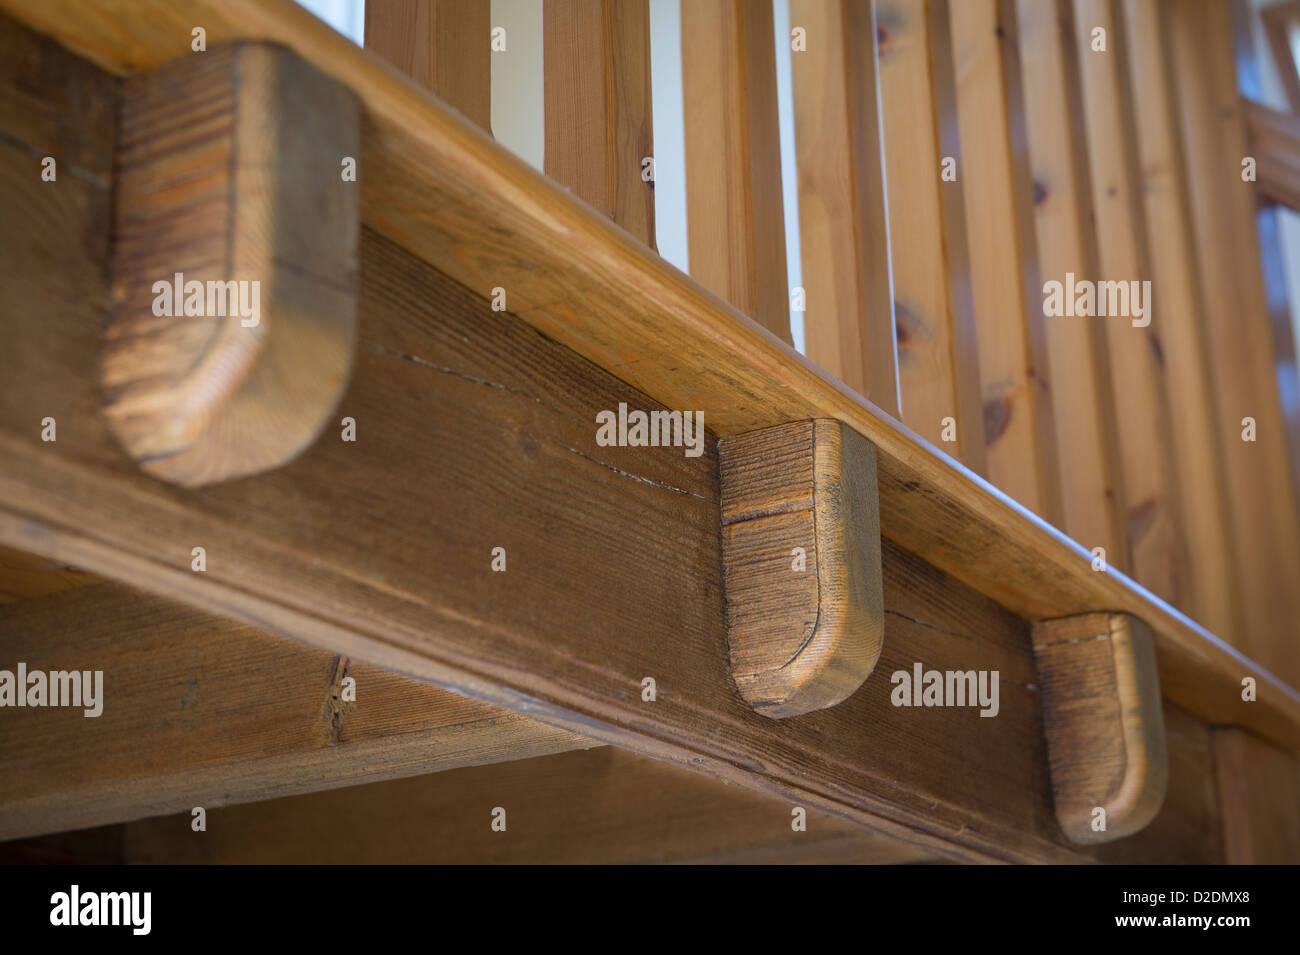 Cerca de barandillas de madera en una escalera en un granero convertido recientemente en Inglaterra rural. Imagen De Stock